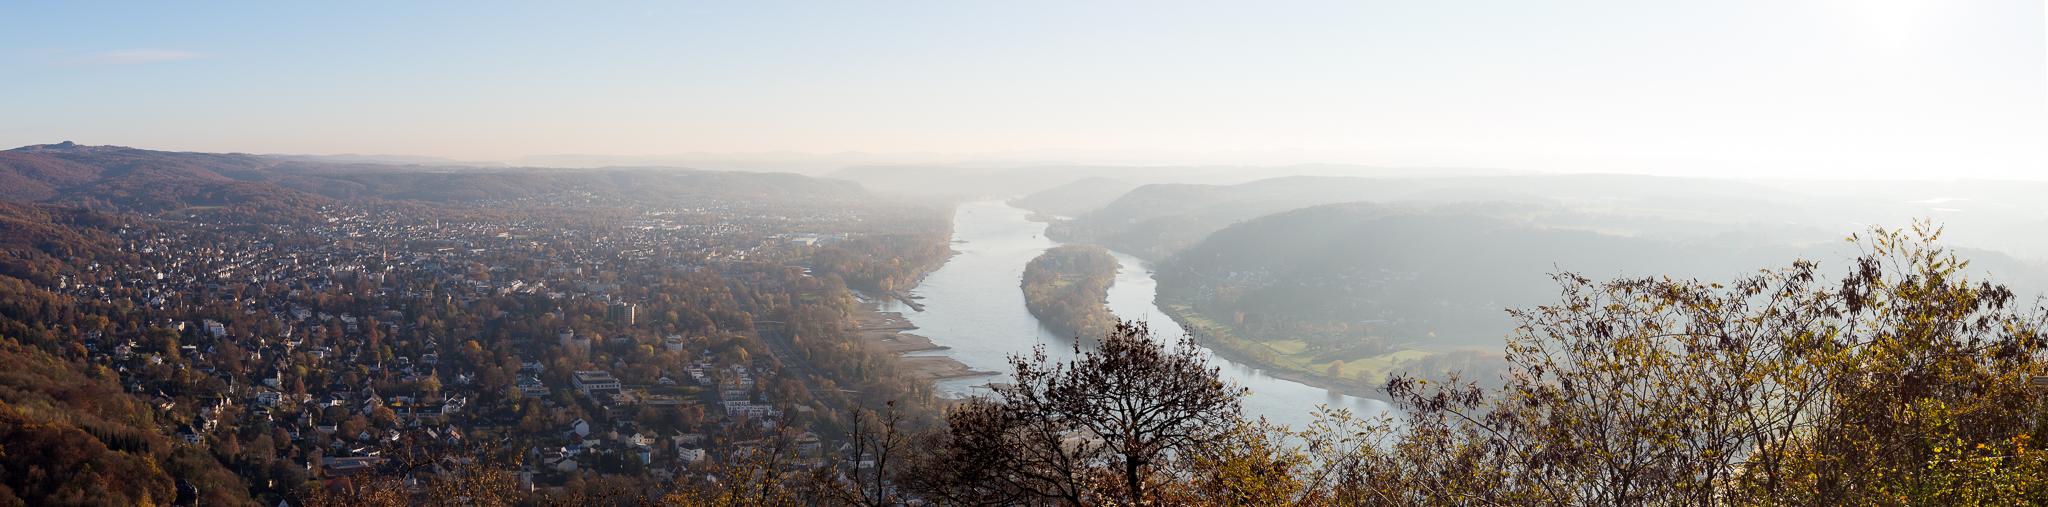 Drachenfels am Rhein, Deutschland